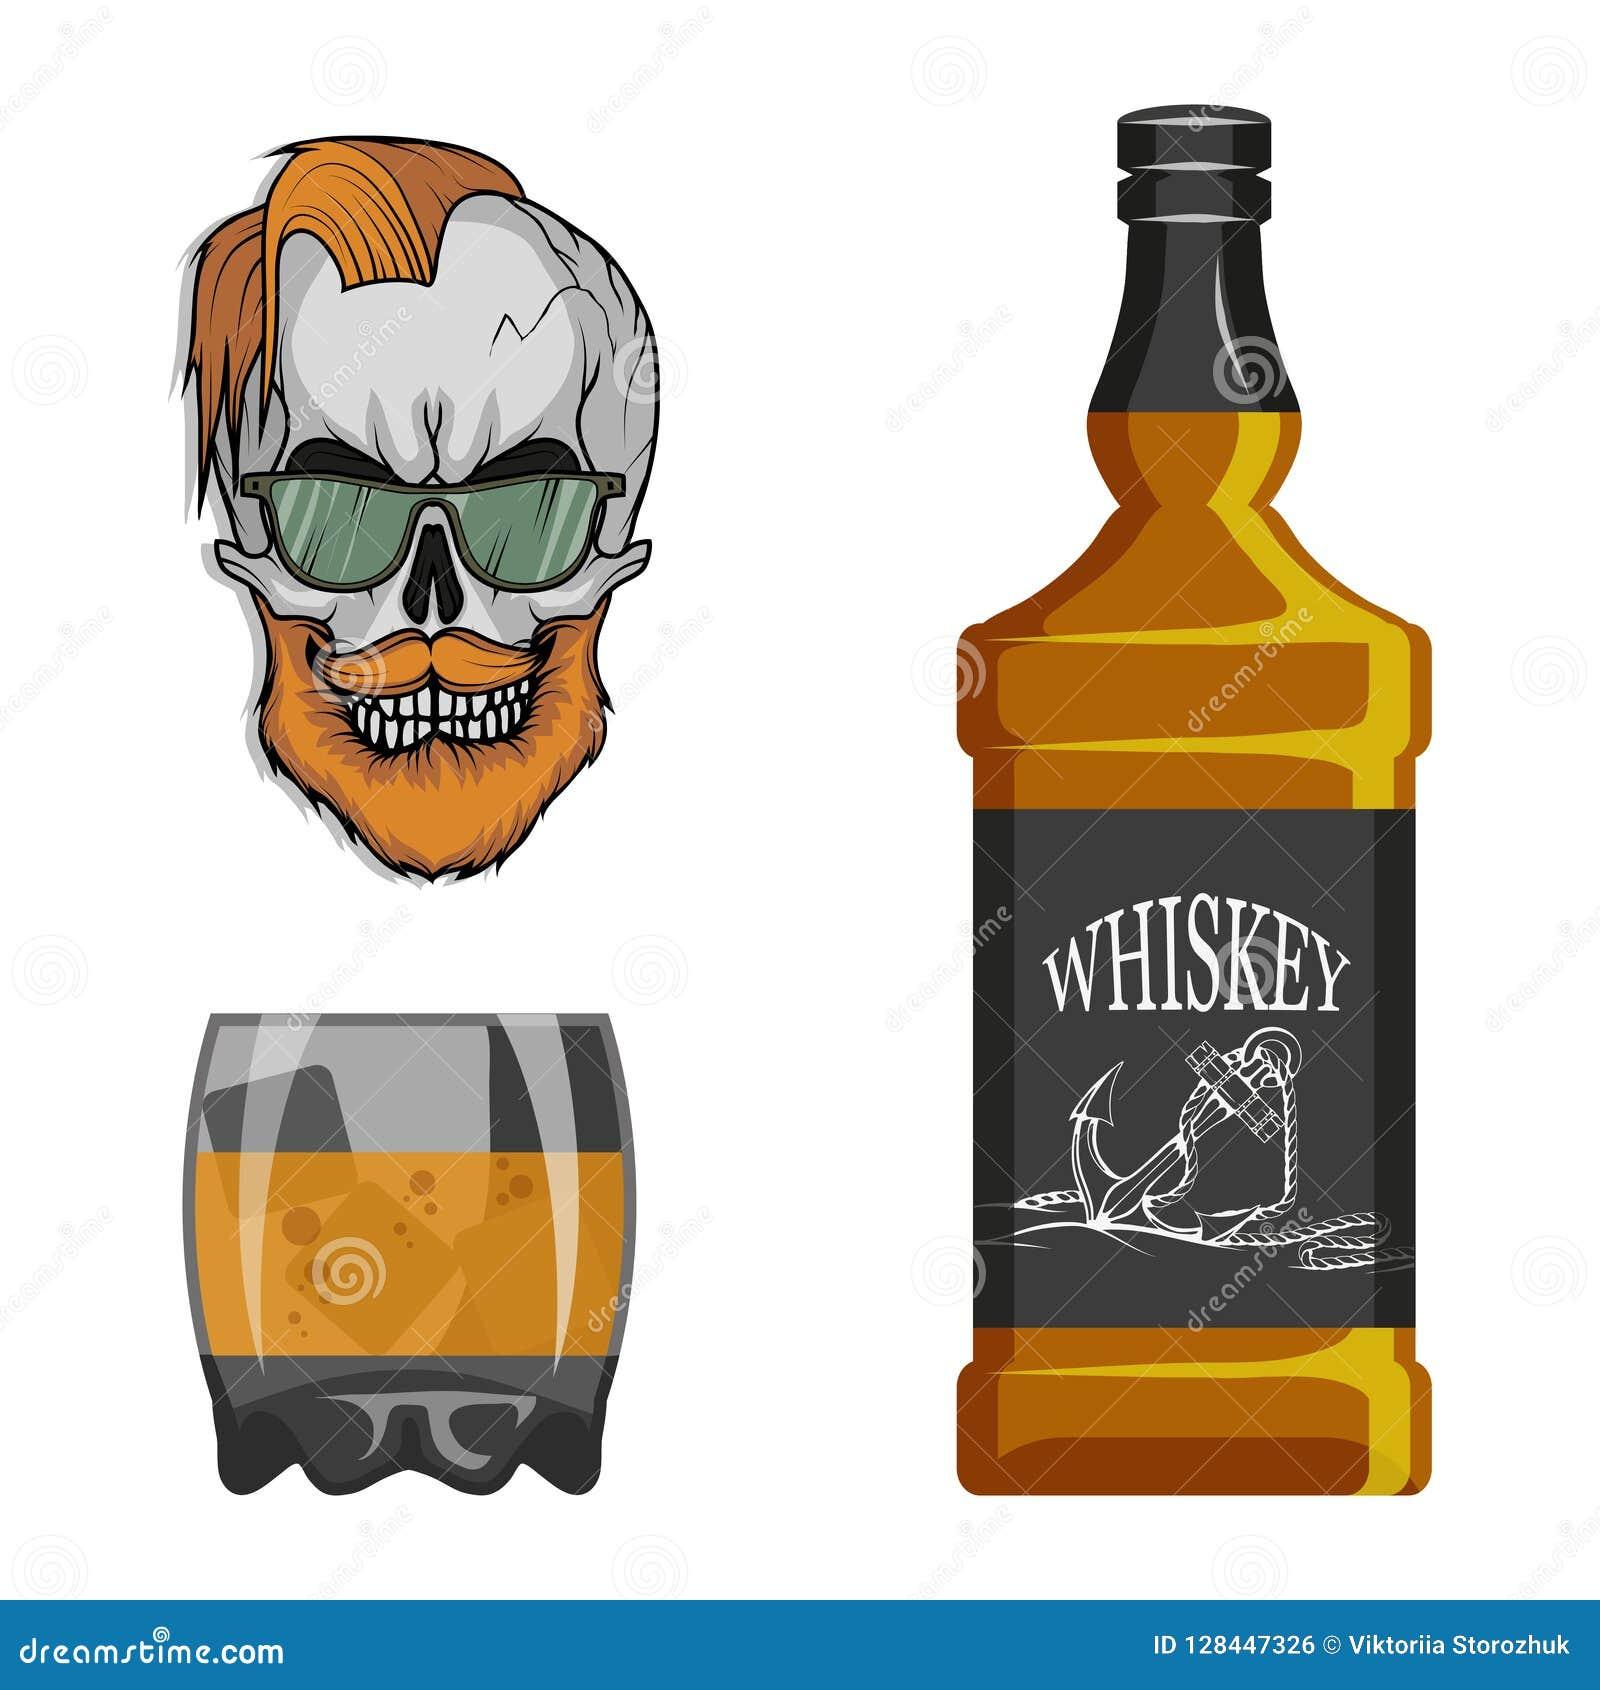 Flasche Whisky und Glas, Besäufnis, Flasche und ein Glas, Alkoholgetränk, Alkohol für Männer, Flasche Whisky, alt